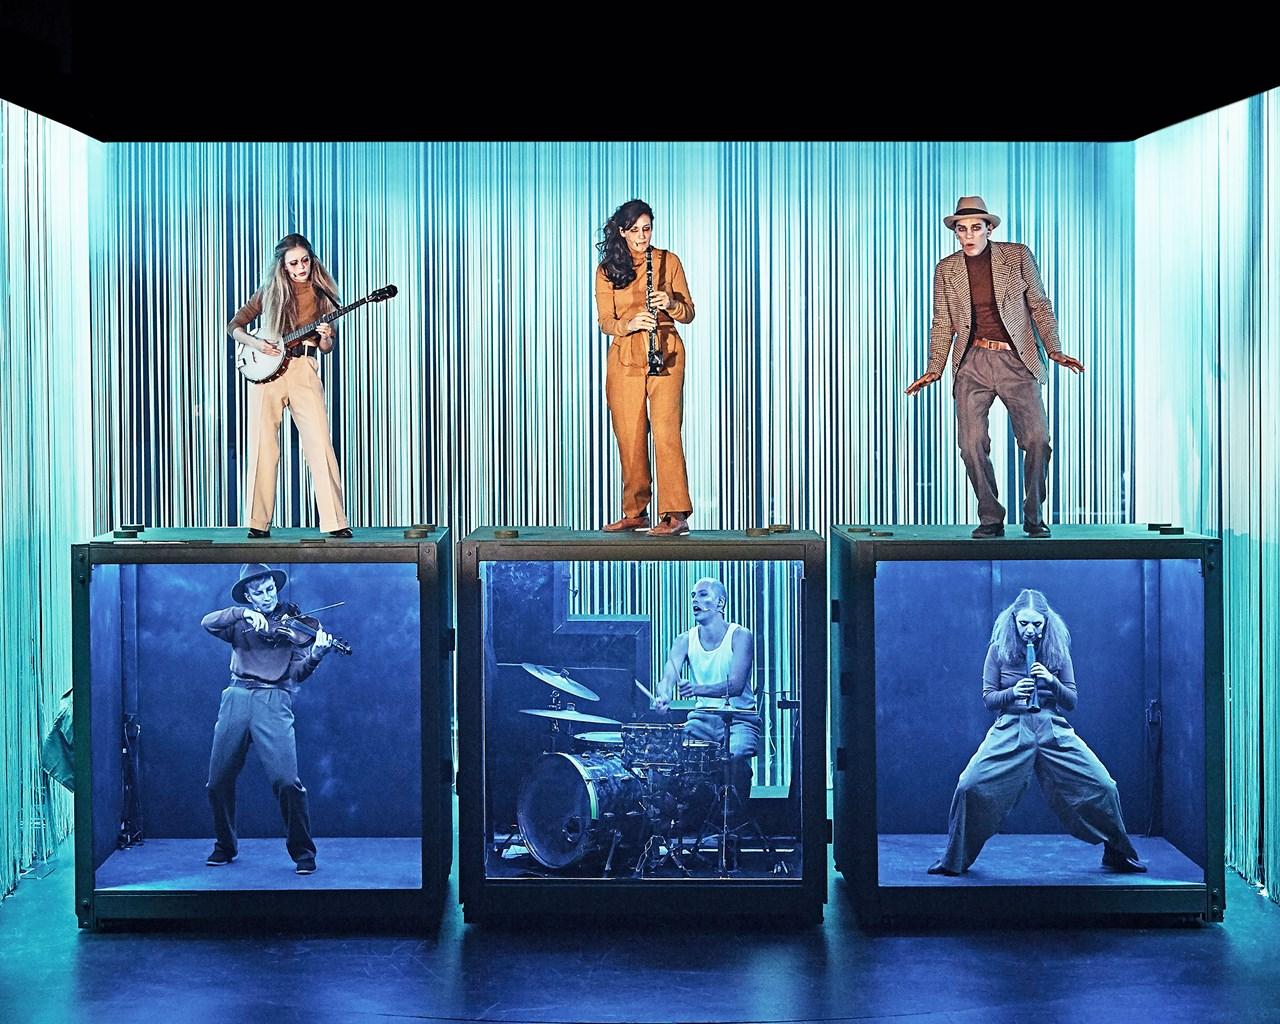 Anmeldelse: Teaterkoncert C.V. Jørgensen, Aarhus Teater (Aarhus Teater og Aveny-T)